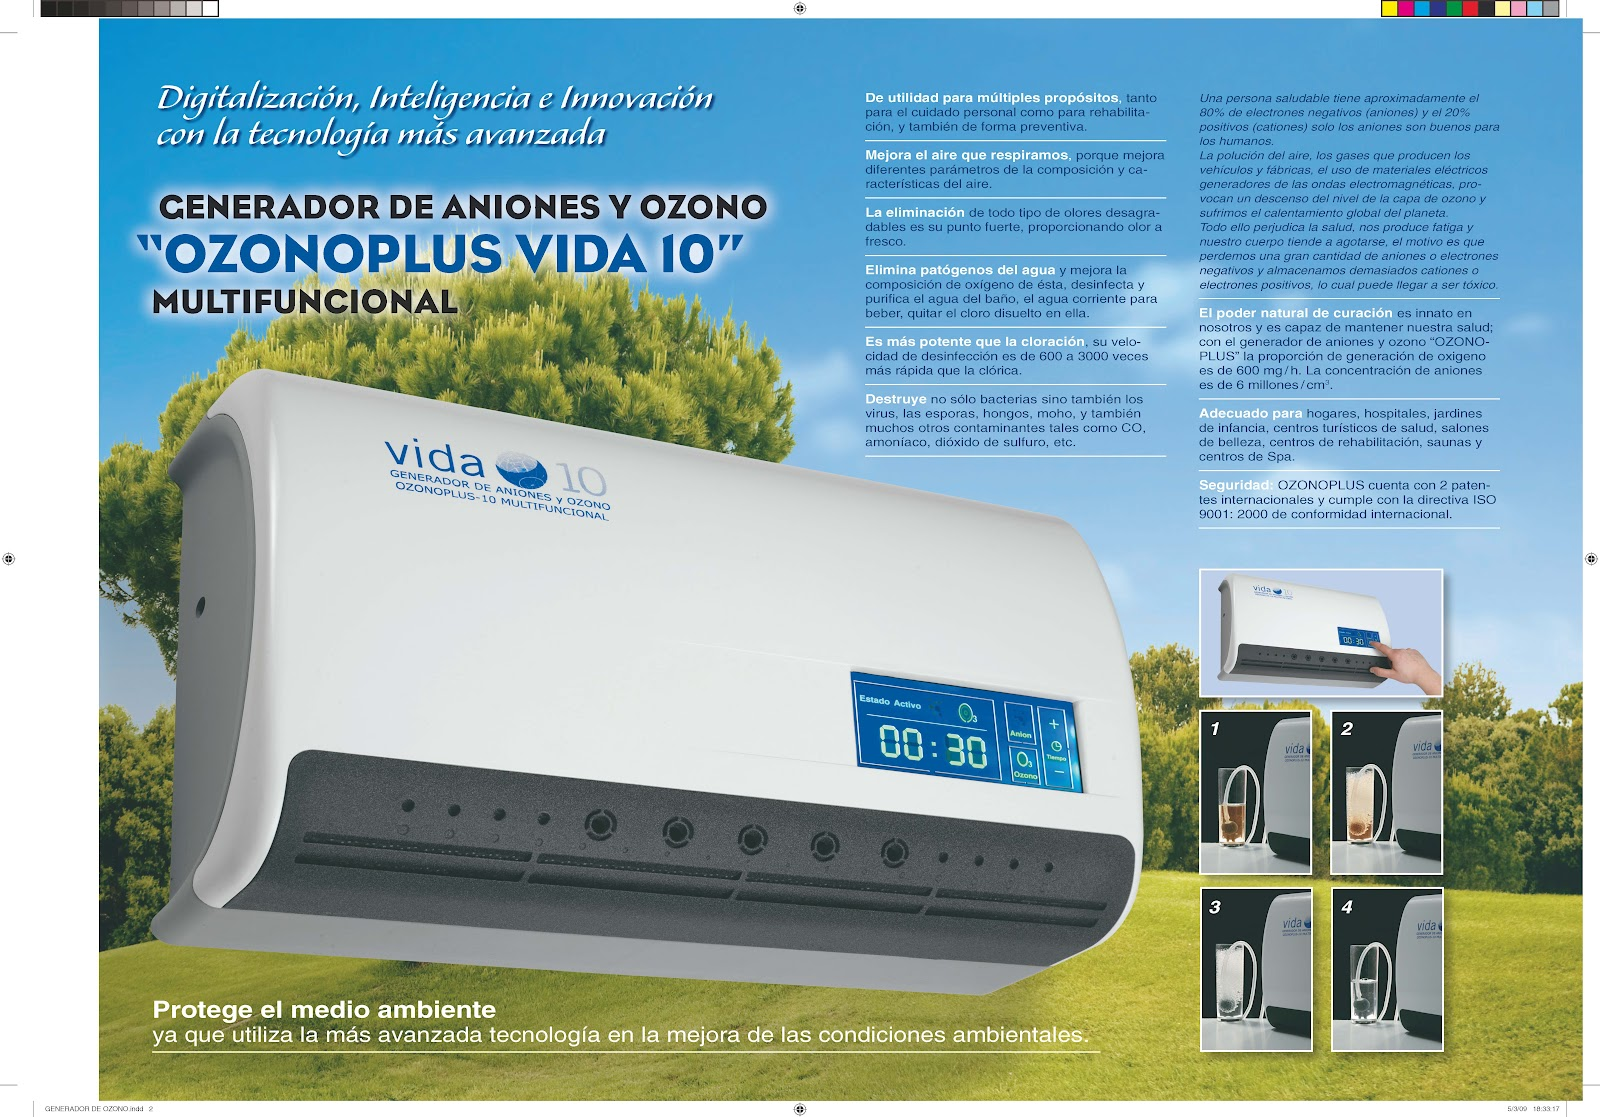 Acuanea water systems generador de ozono - Ozono vida 10 ...